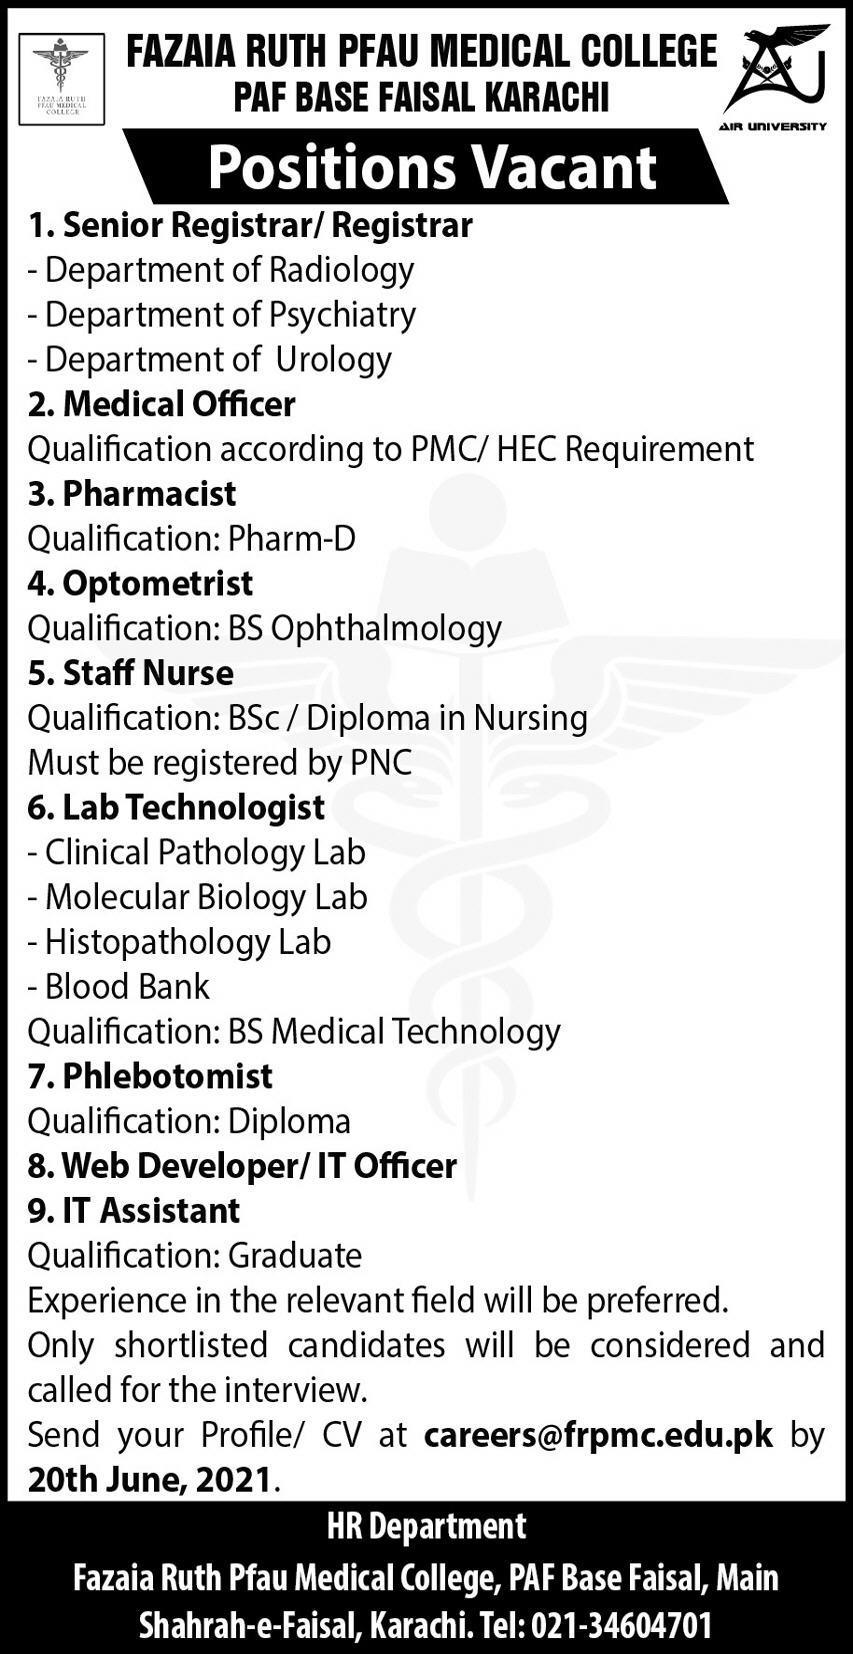 Fazaia Ruth PFAU medical College Karachi Jobs 2021